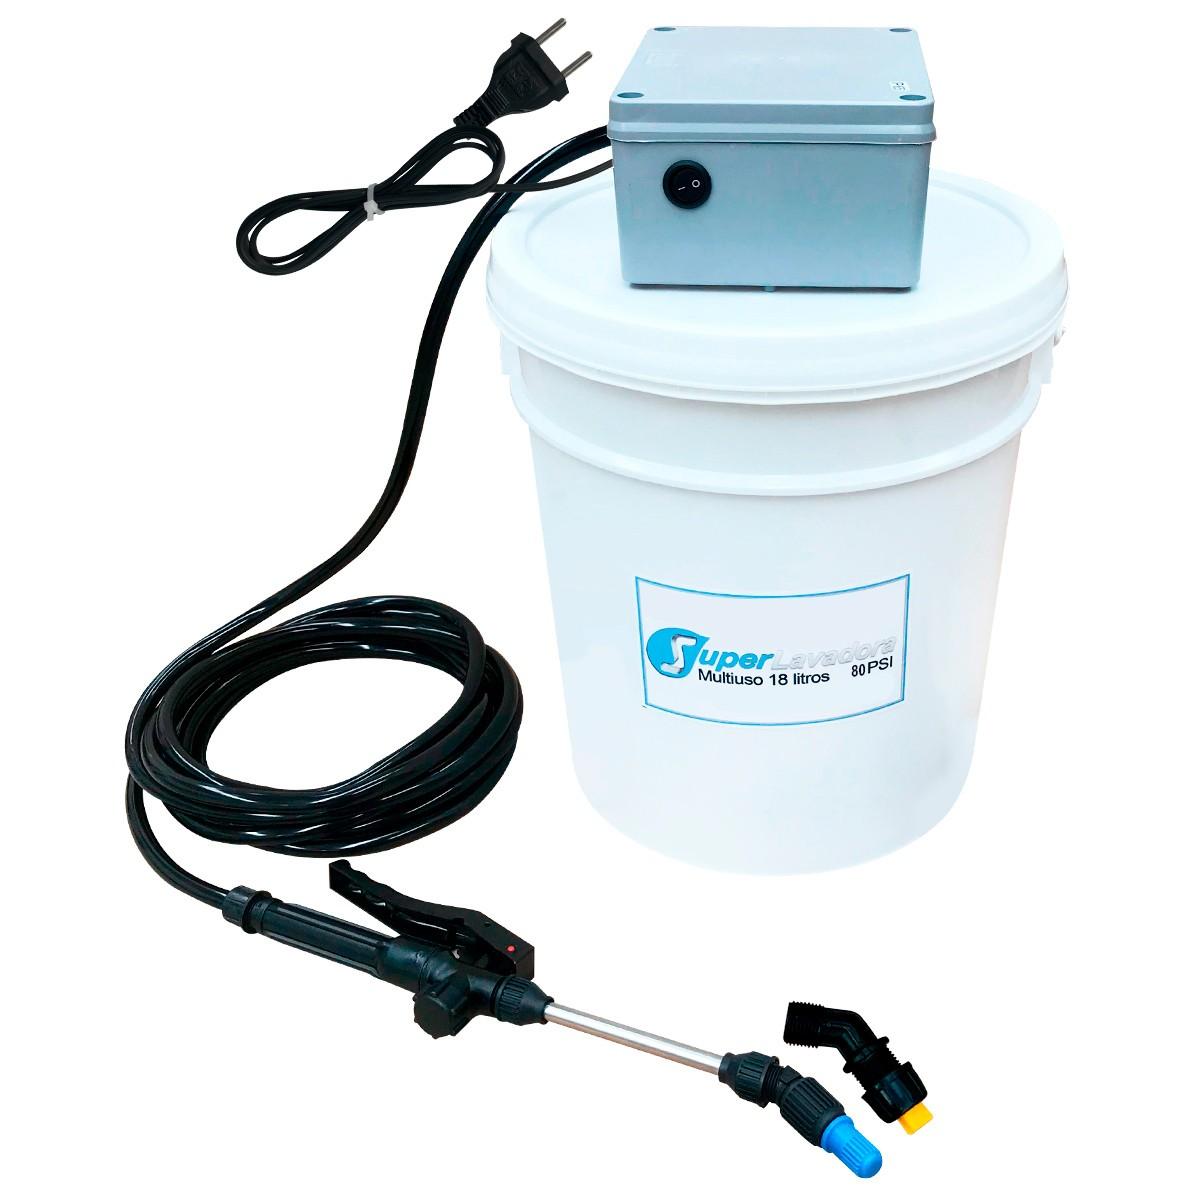 Lavadora Elétrica 18L 80 PSI Caixa Proteção + Bolsa Coletora Até 12000 BTUS + Balde de Plástico 18L